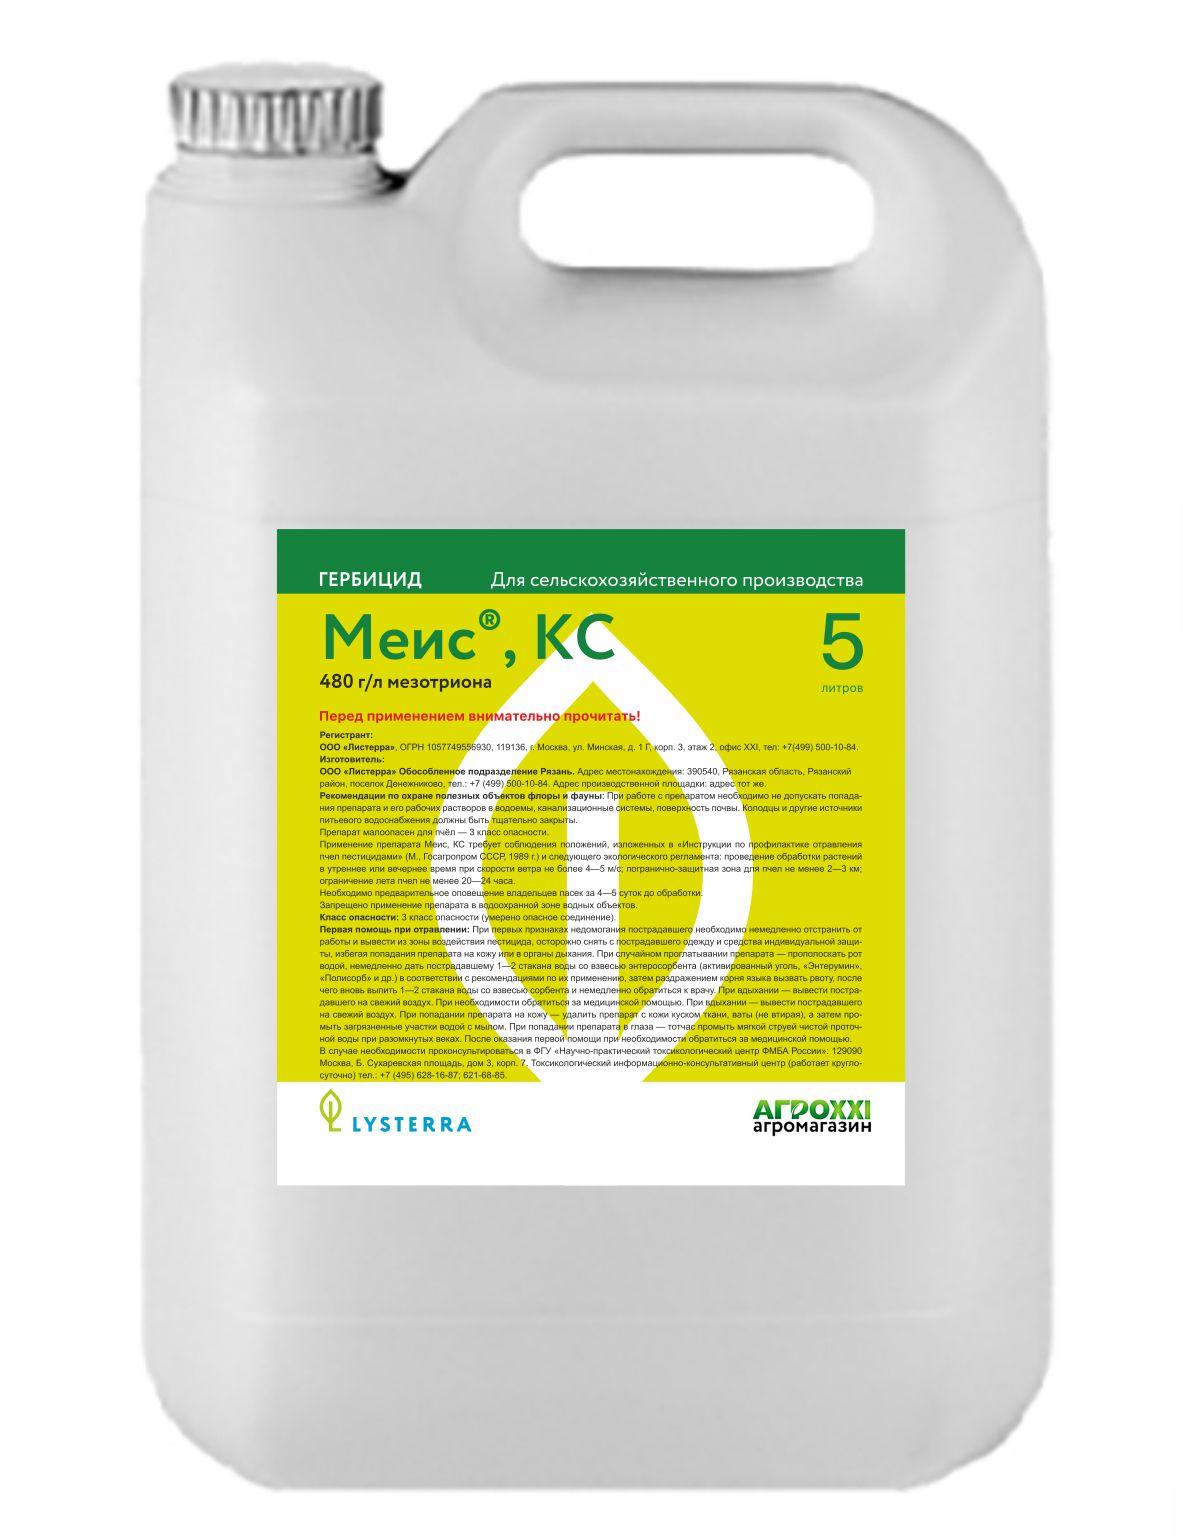 Меис, КС  (мезотрион 480 г/л) - гербицид системного и почвенного действия против двудольных сорняков в посевах кукурузы, 5 л  - фото